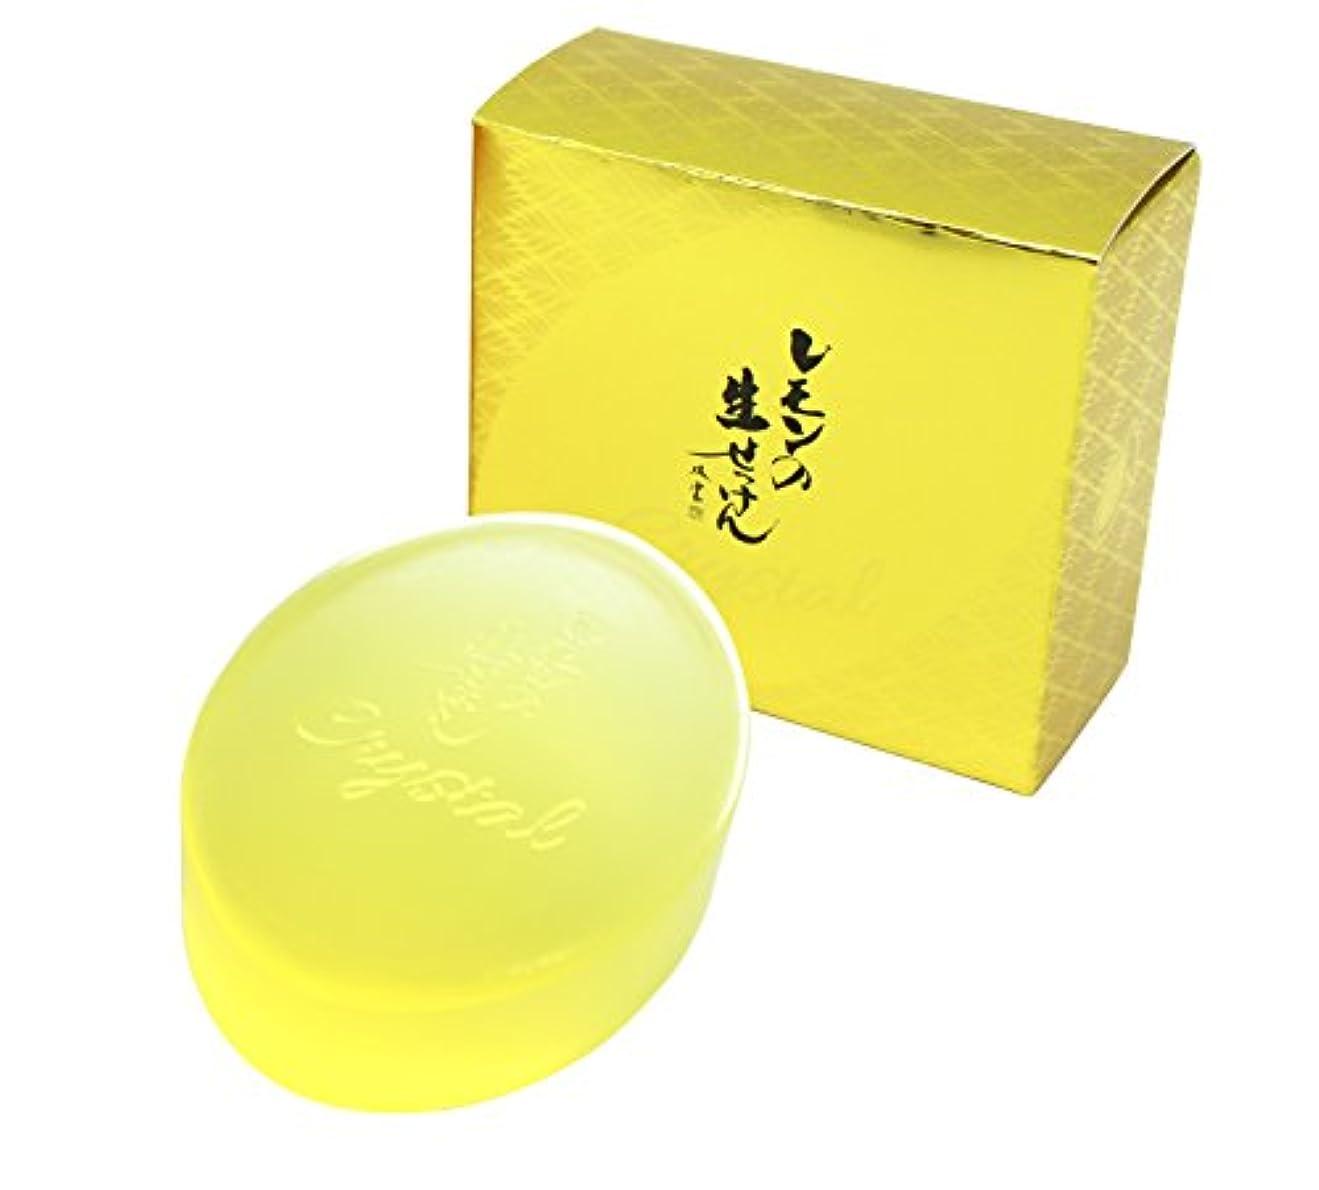 ランデブー戦術厳しい美香柑 レモンの生せっけん 洗顔石けん 固形タイプ(枠練り) 90g